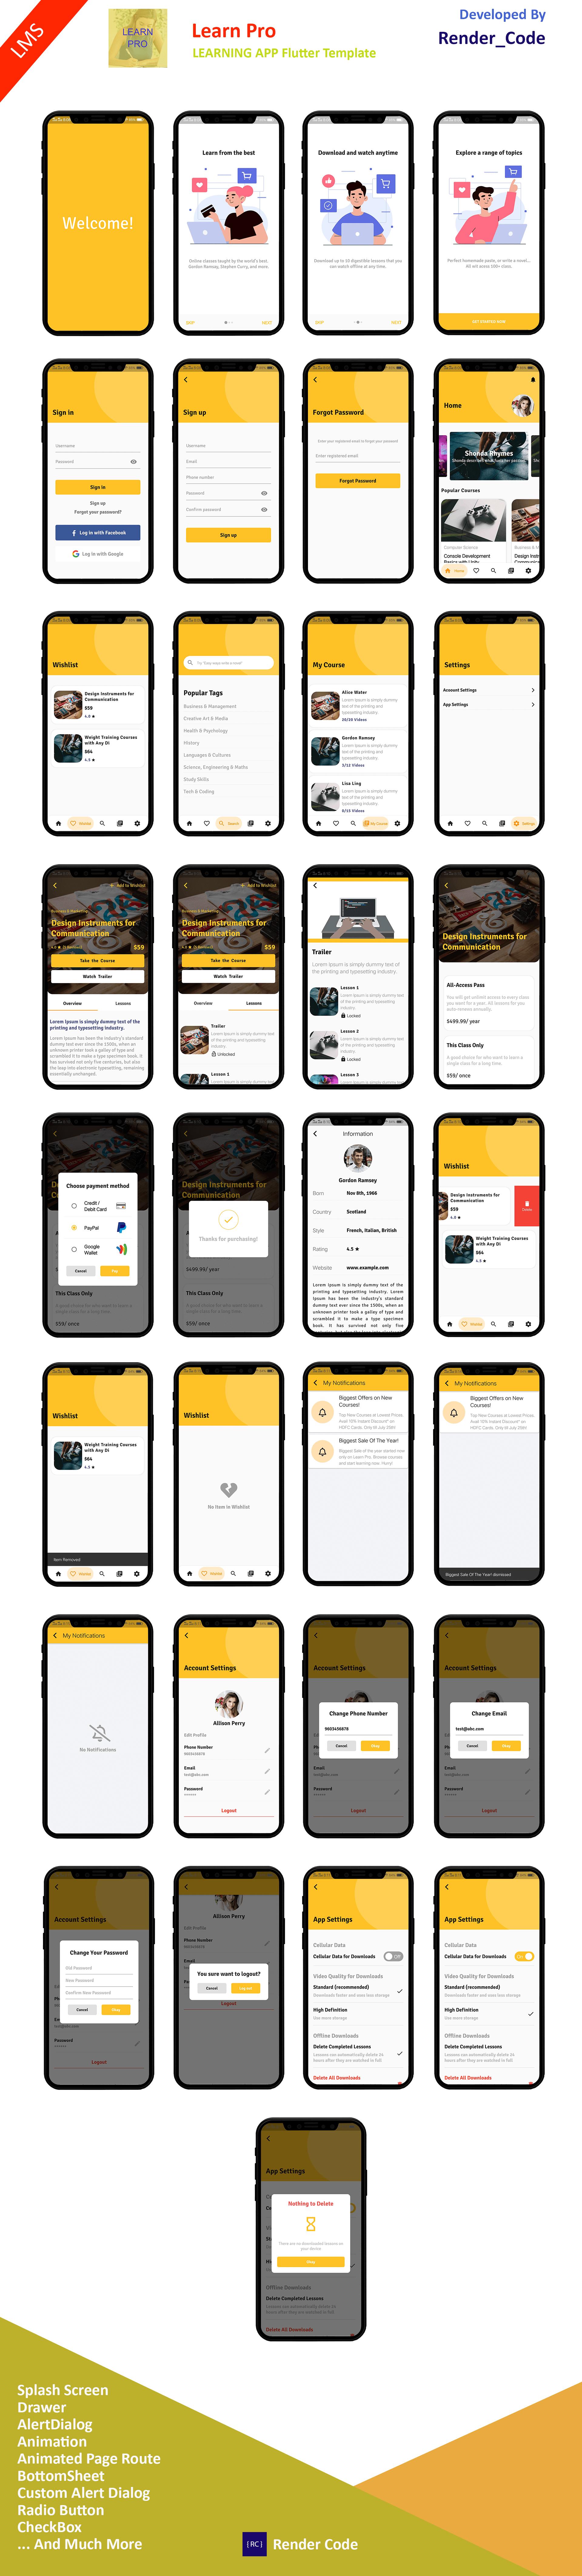 StunningKit - Biggest Flutter App Template Kit (15 App Template) - 10